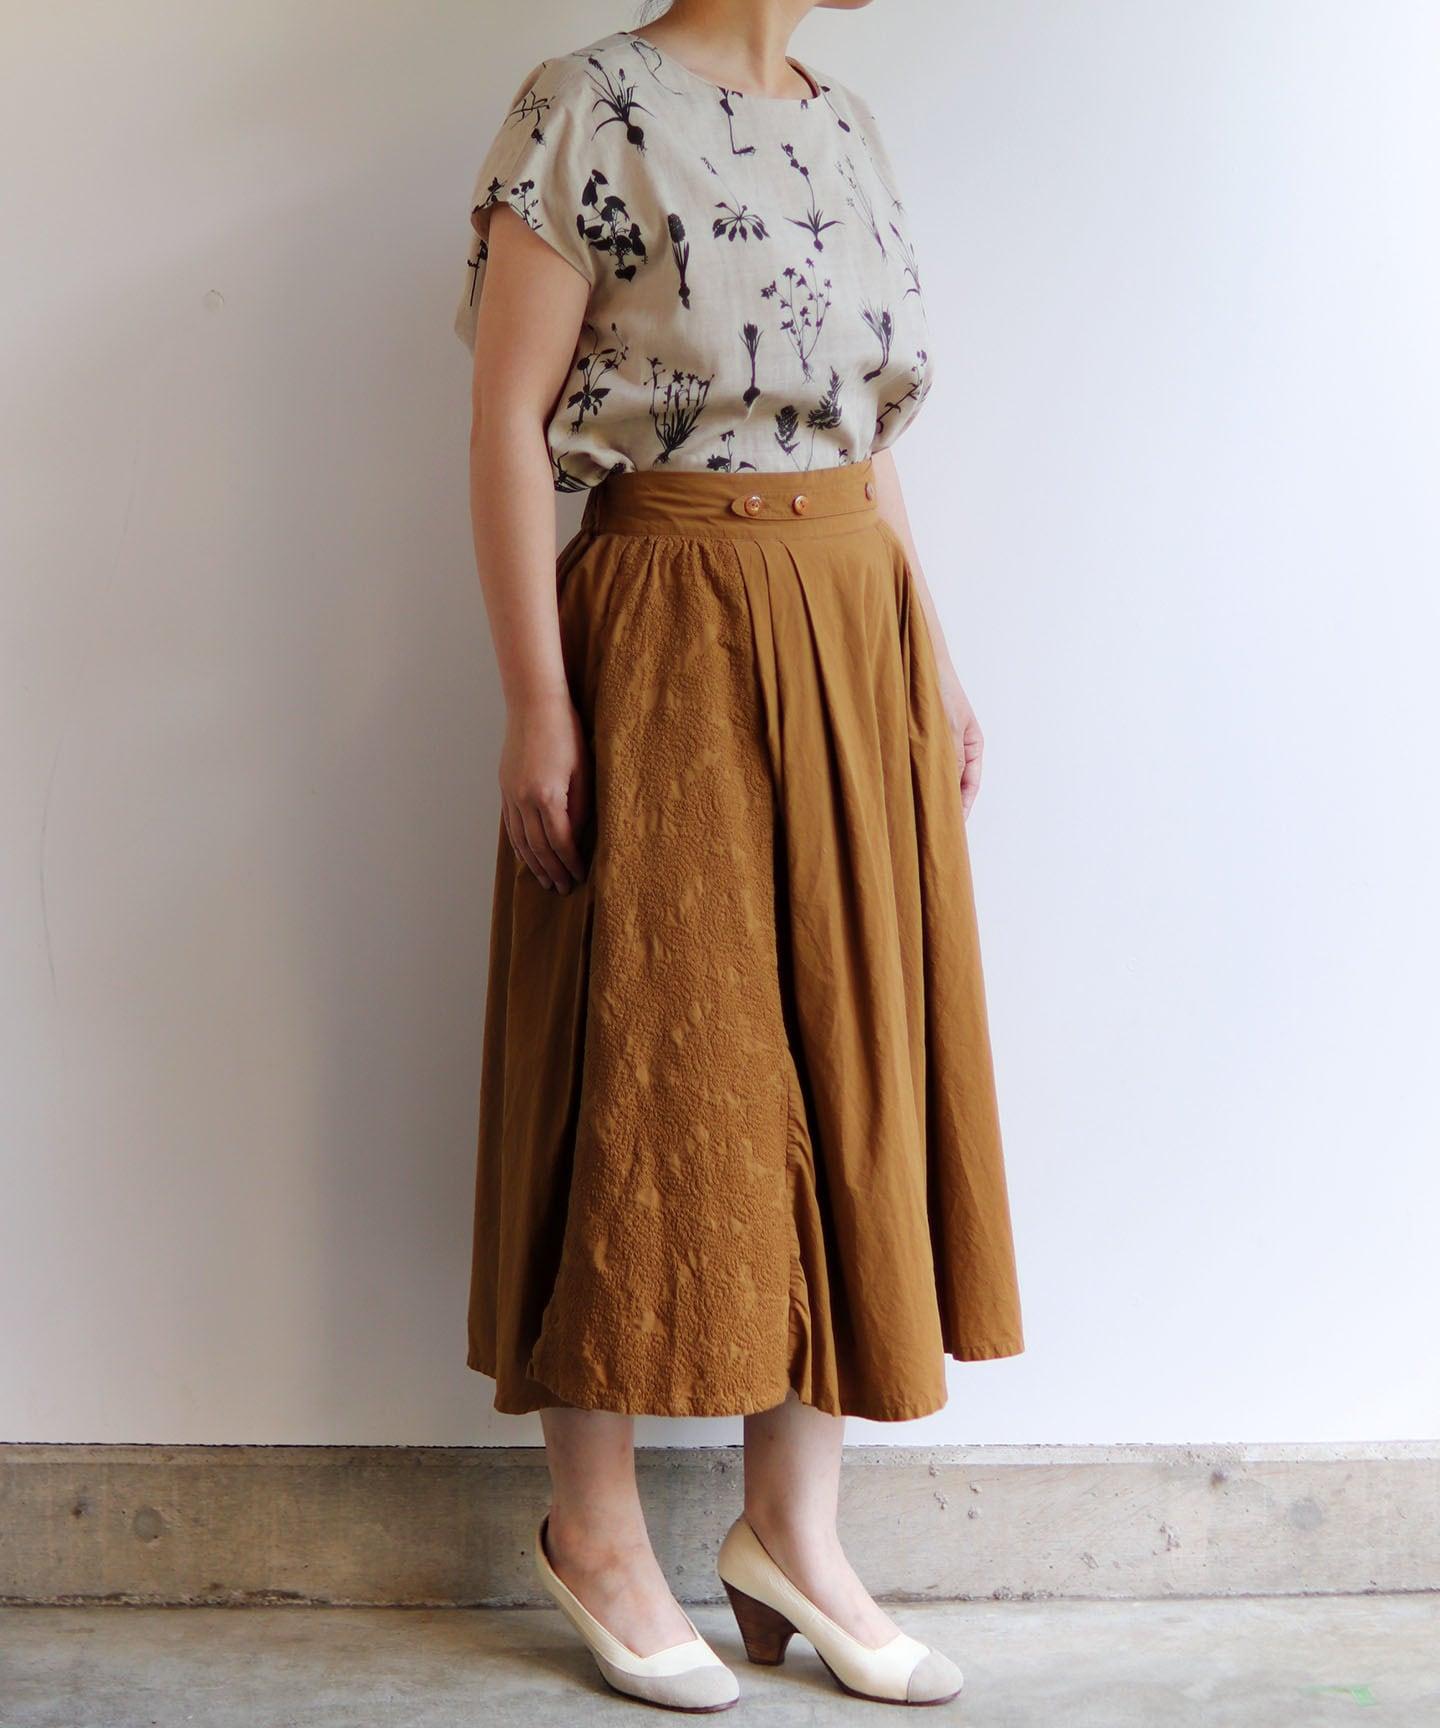 フラワーノット刺繍のスカート(muc206)